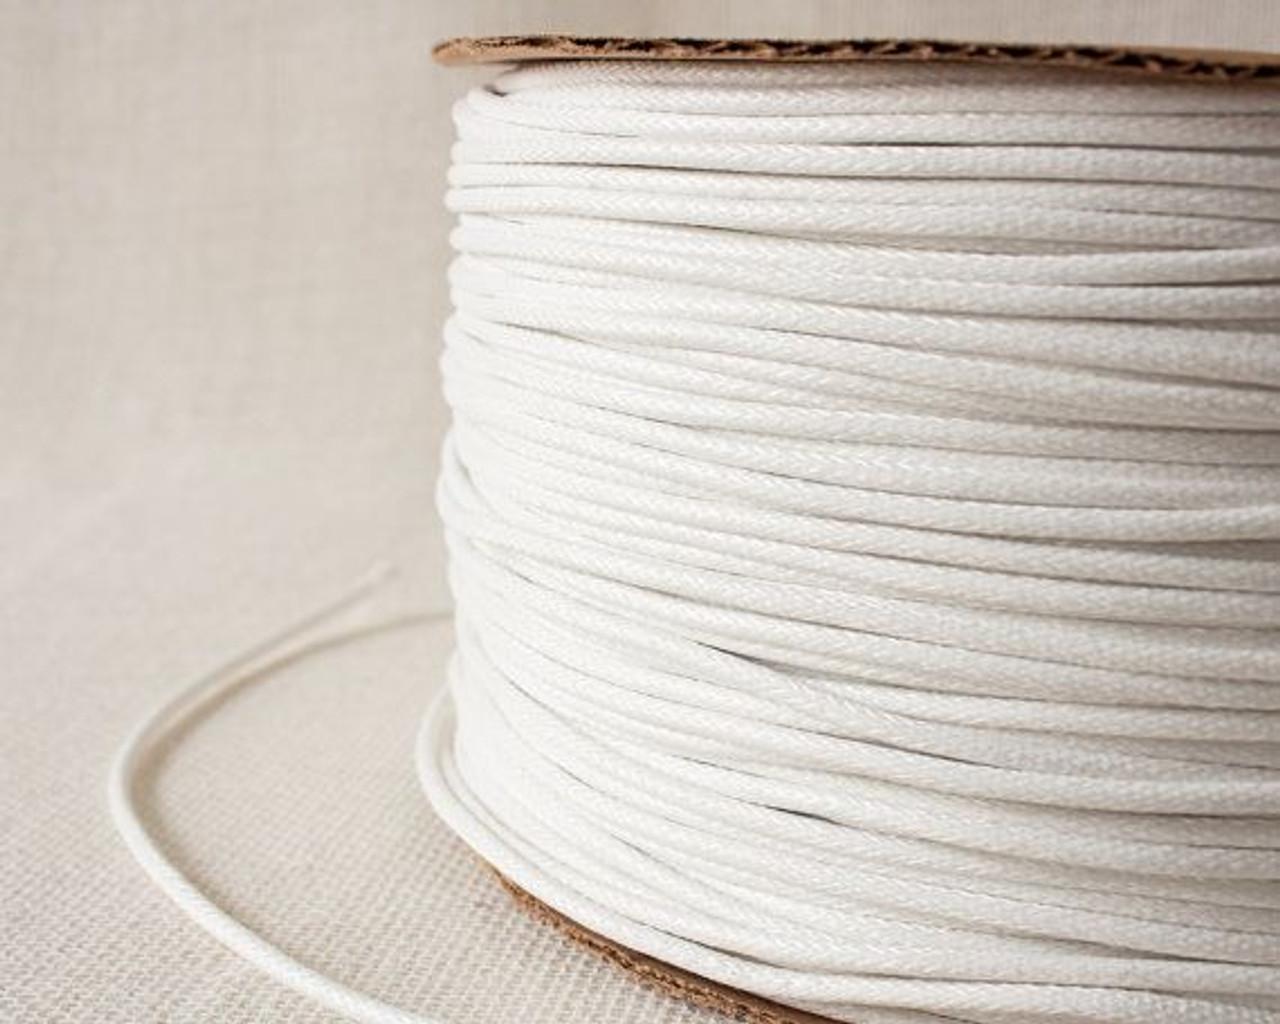 6/32 Tissue Welt Cord - 500 Yard Roll